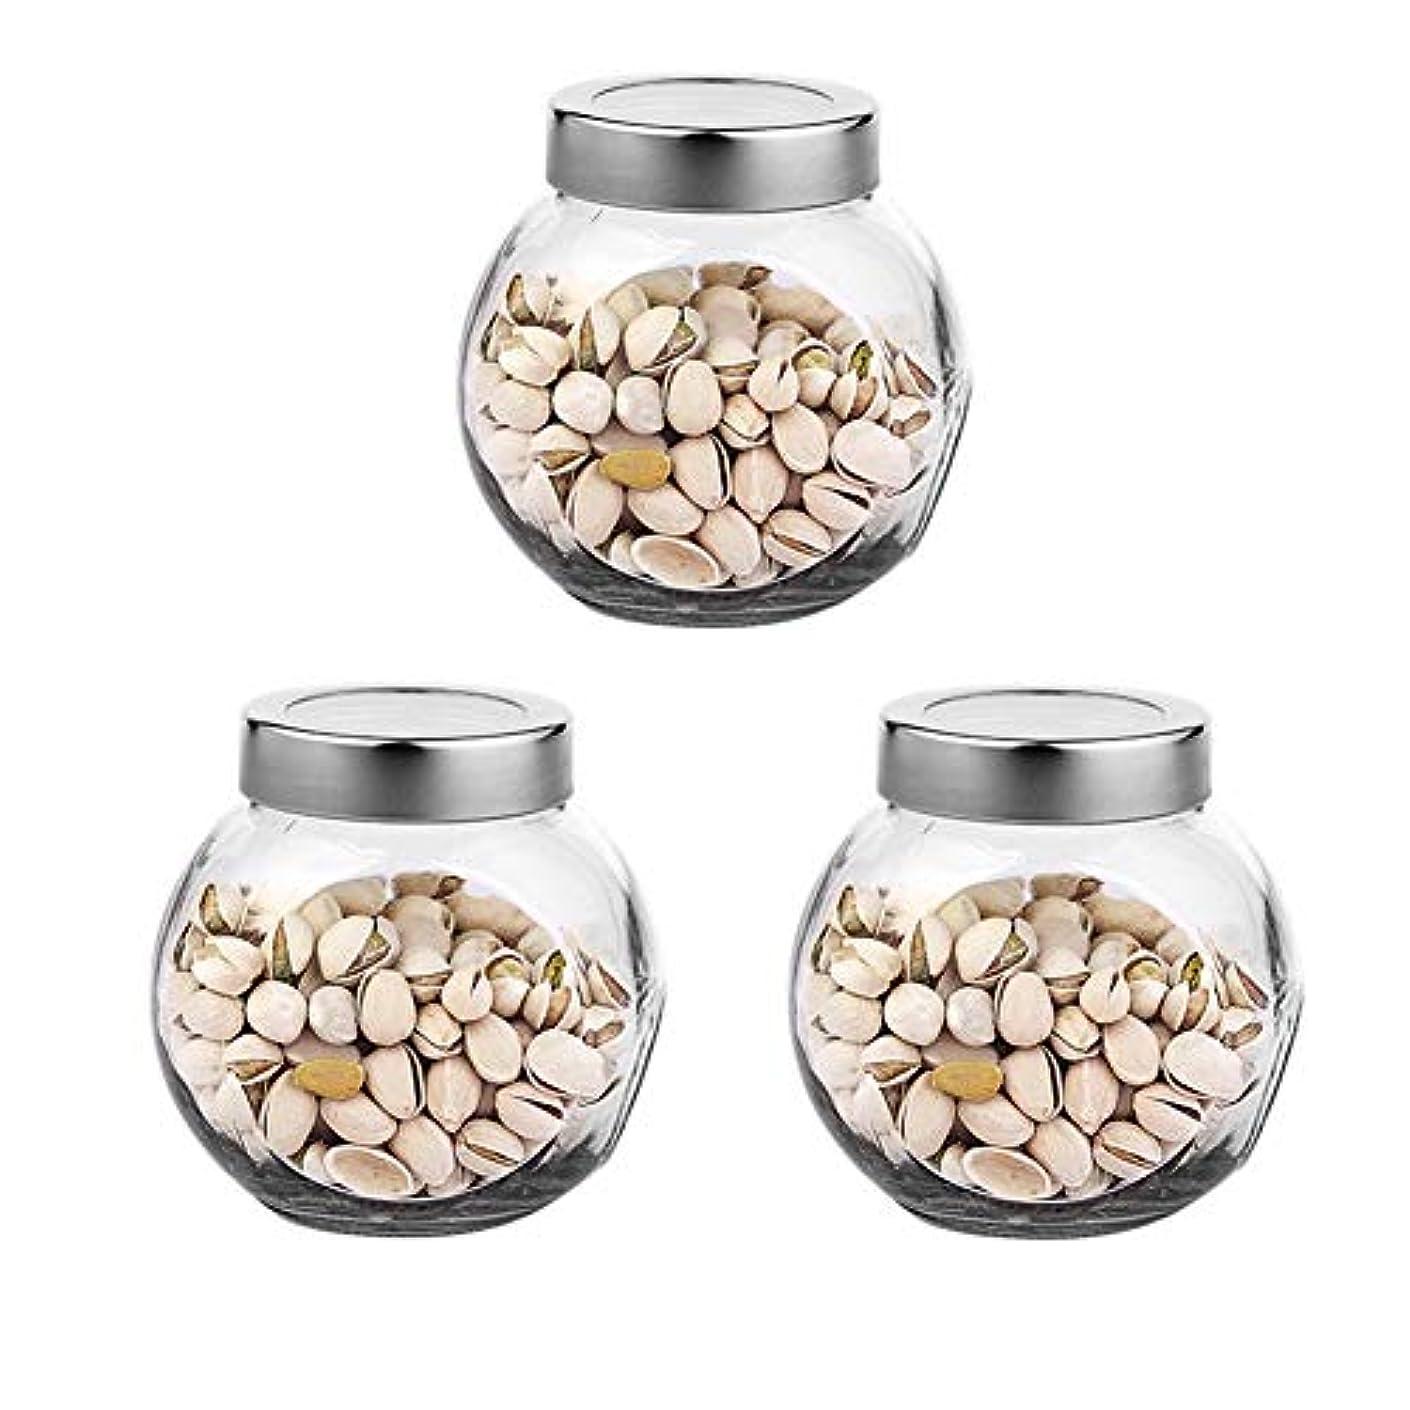 入り口ダイアクリティカル反毒3つの透明ガラス貯蔵容器茶/季節密封缶の貯蔵瓶パック(650 ml)